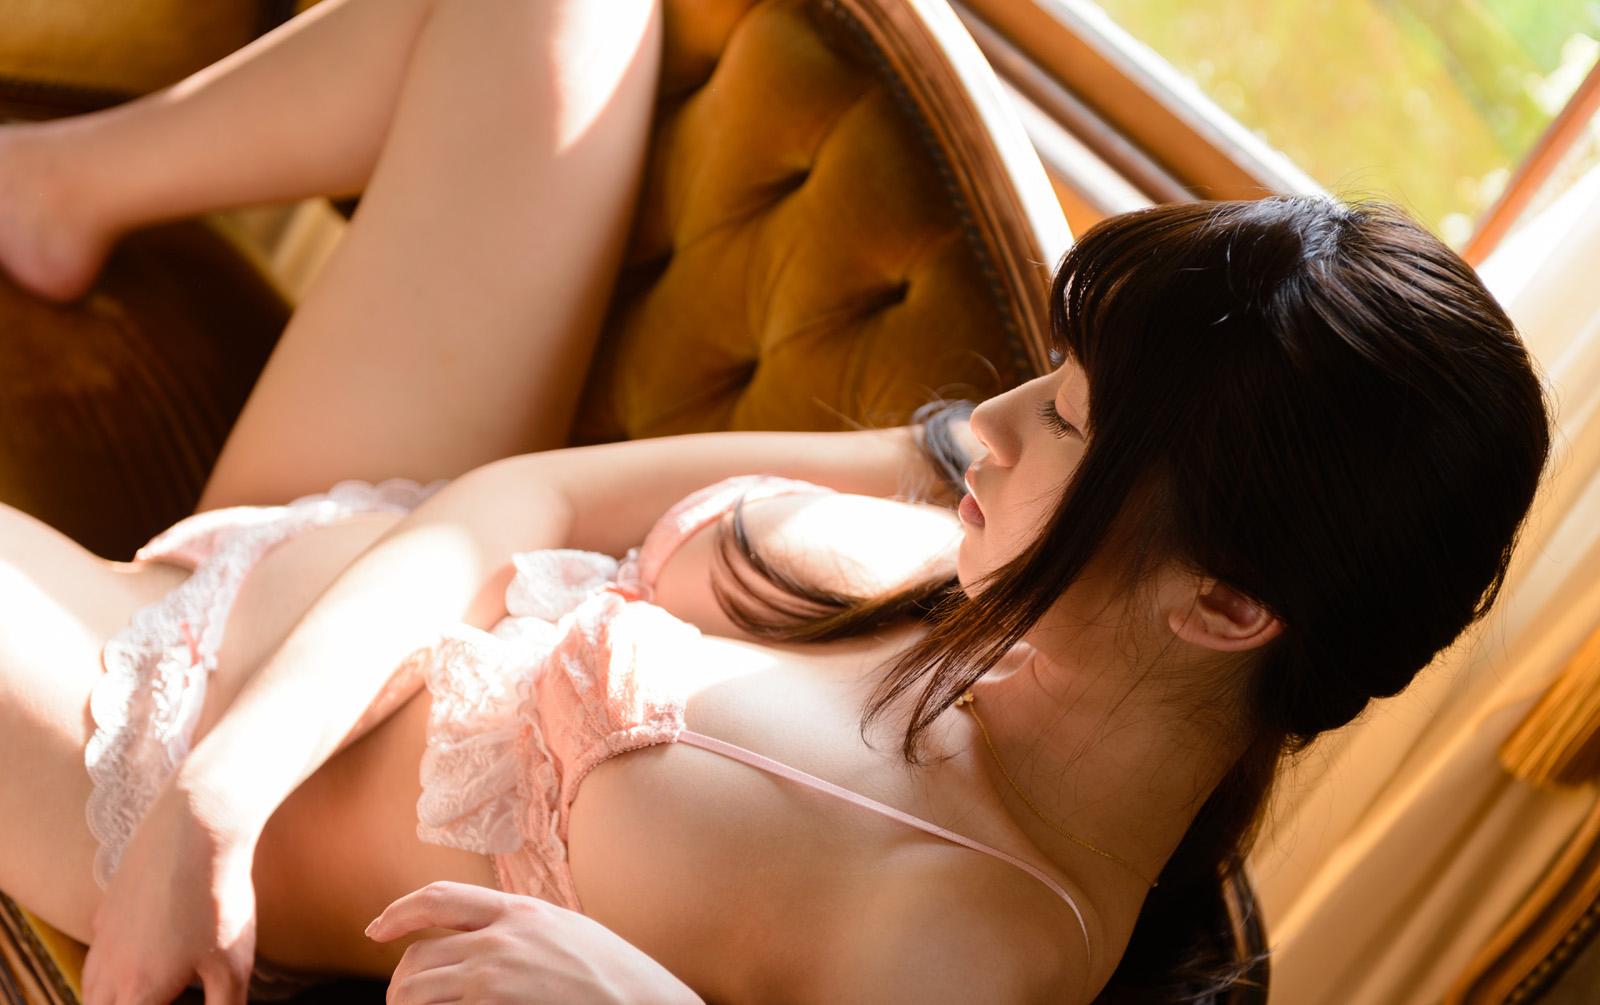 緒川りお 画像 17